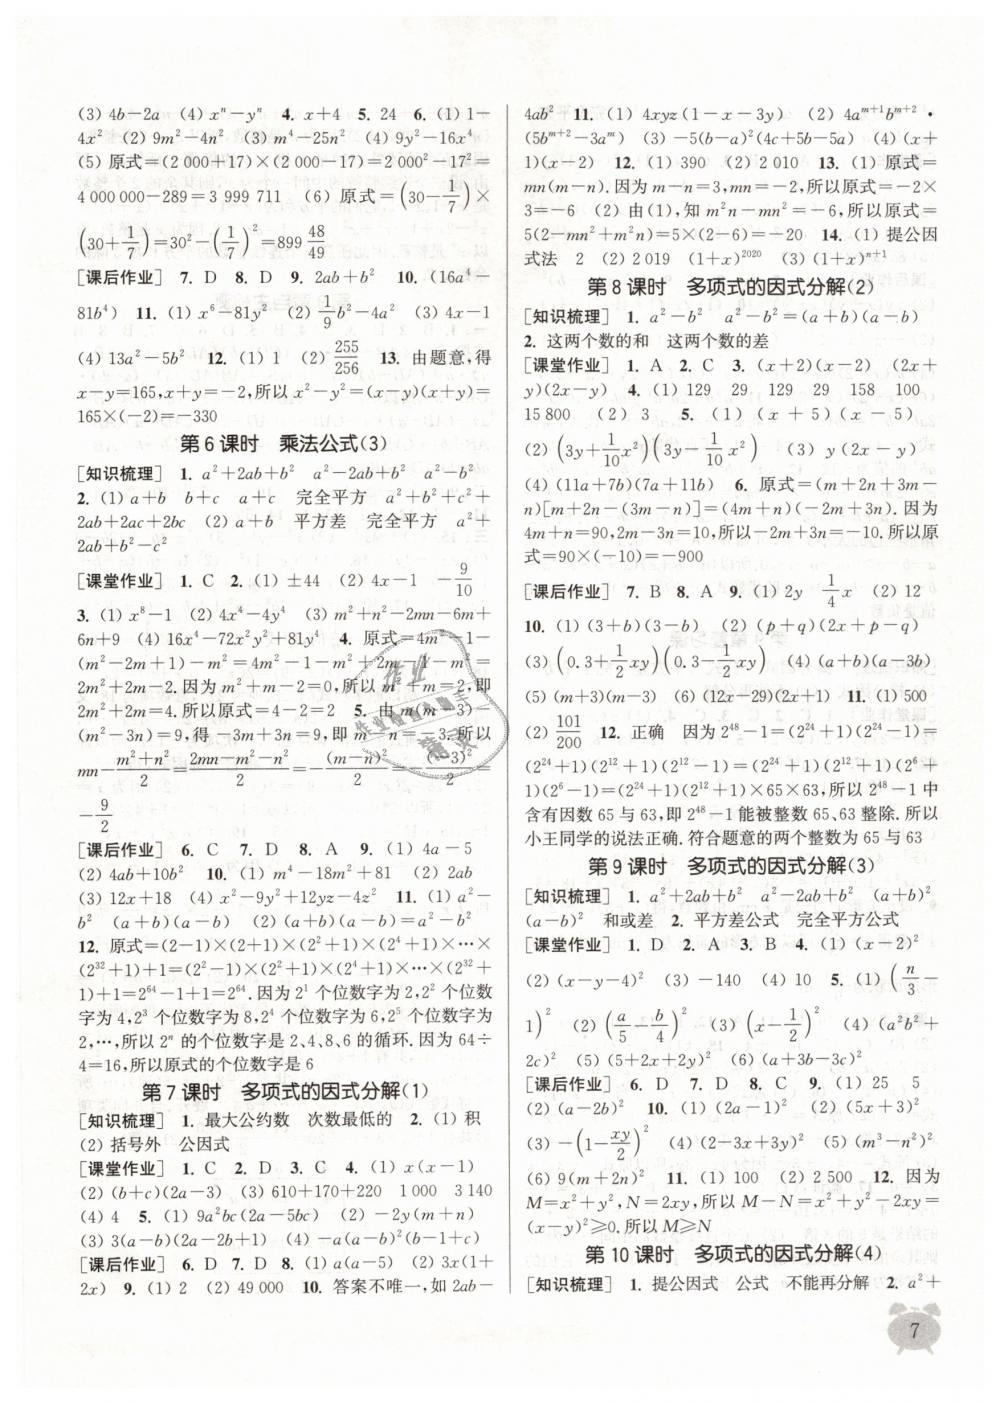 2019年通城学典课时作业本七年级数学下册苏科版江苏专用第7页